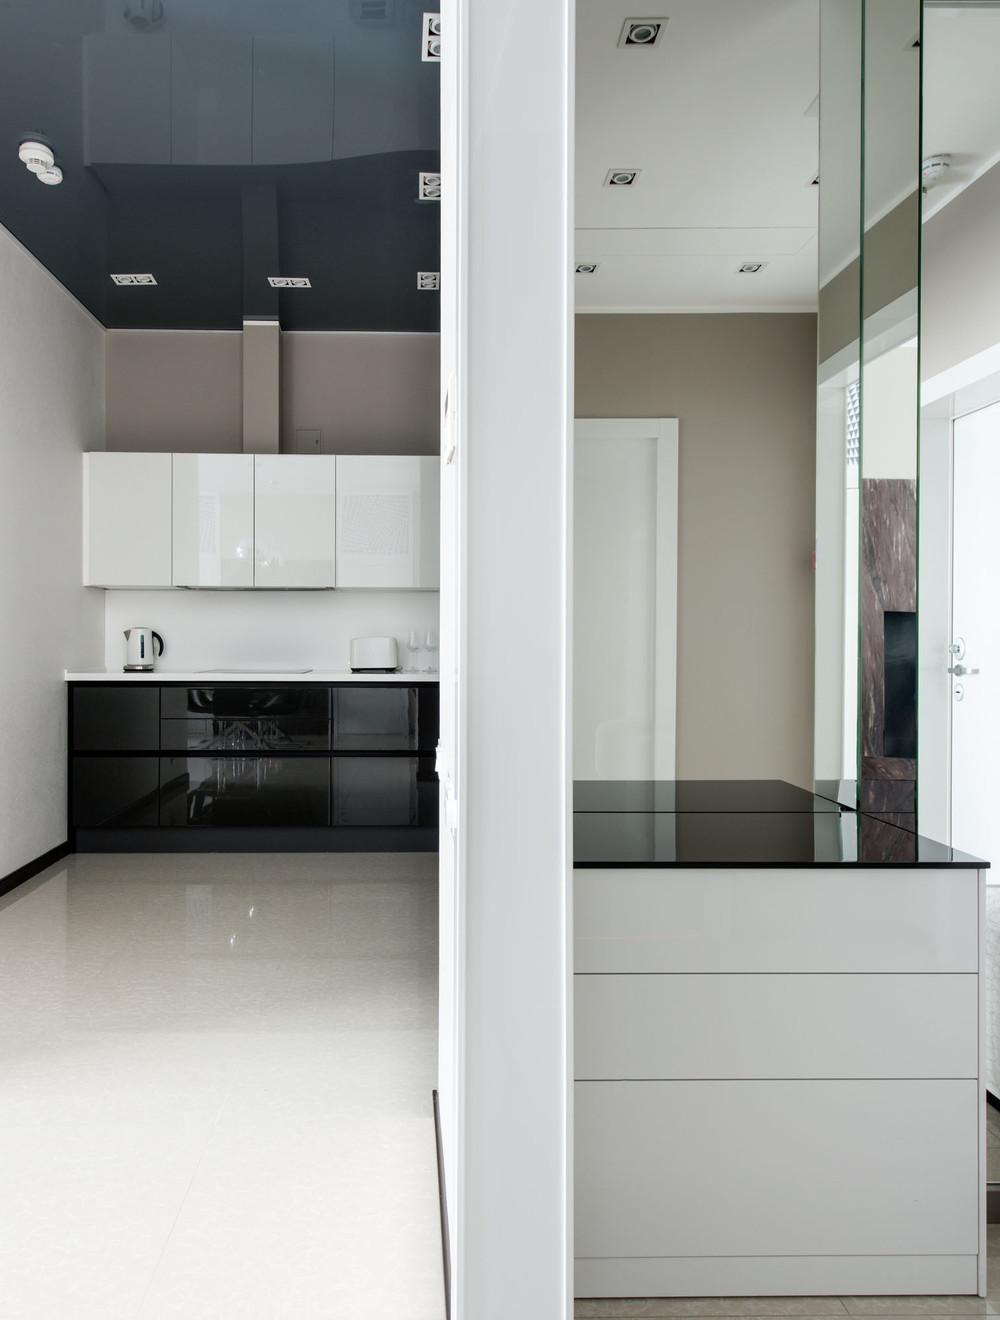 Квартира «Интерьеры квартиры на ул.Мосфильмовская», кухня, фото из проекта